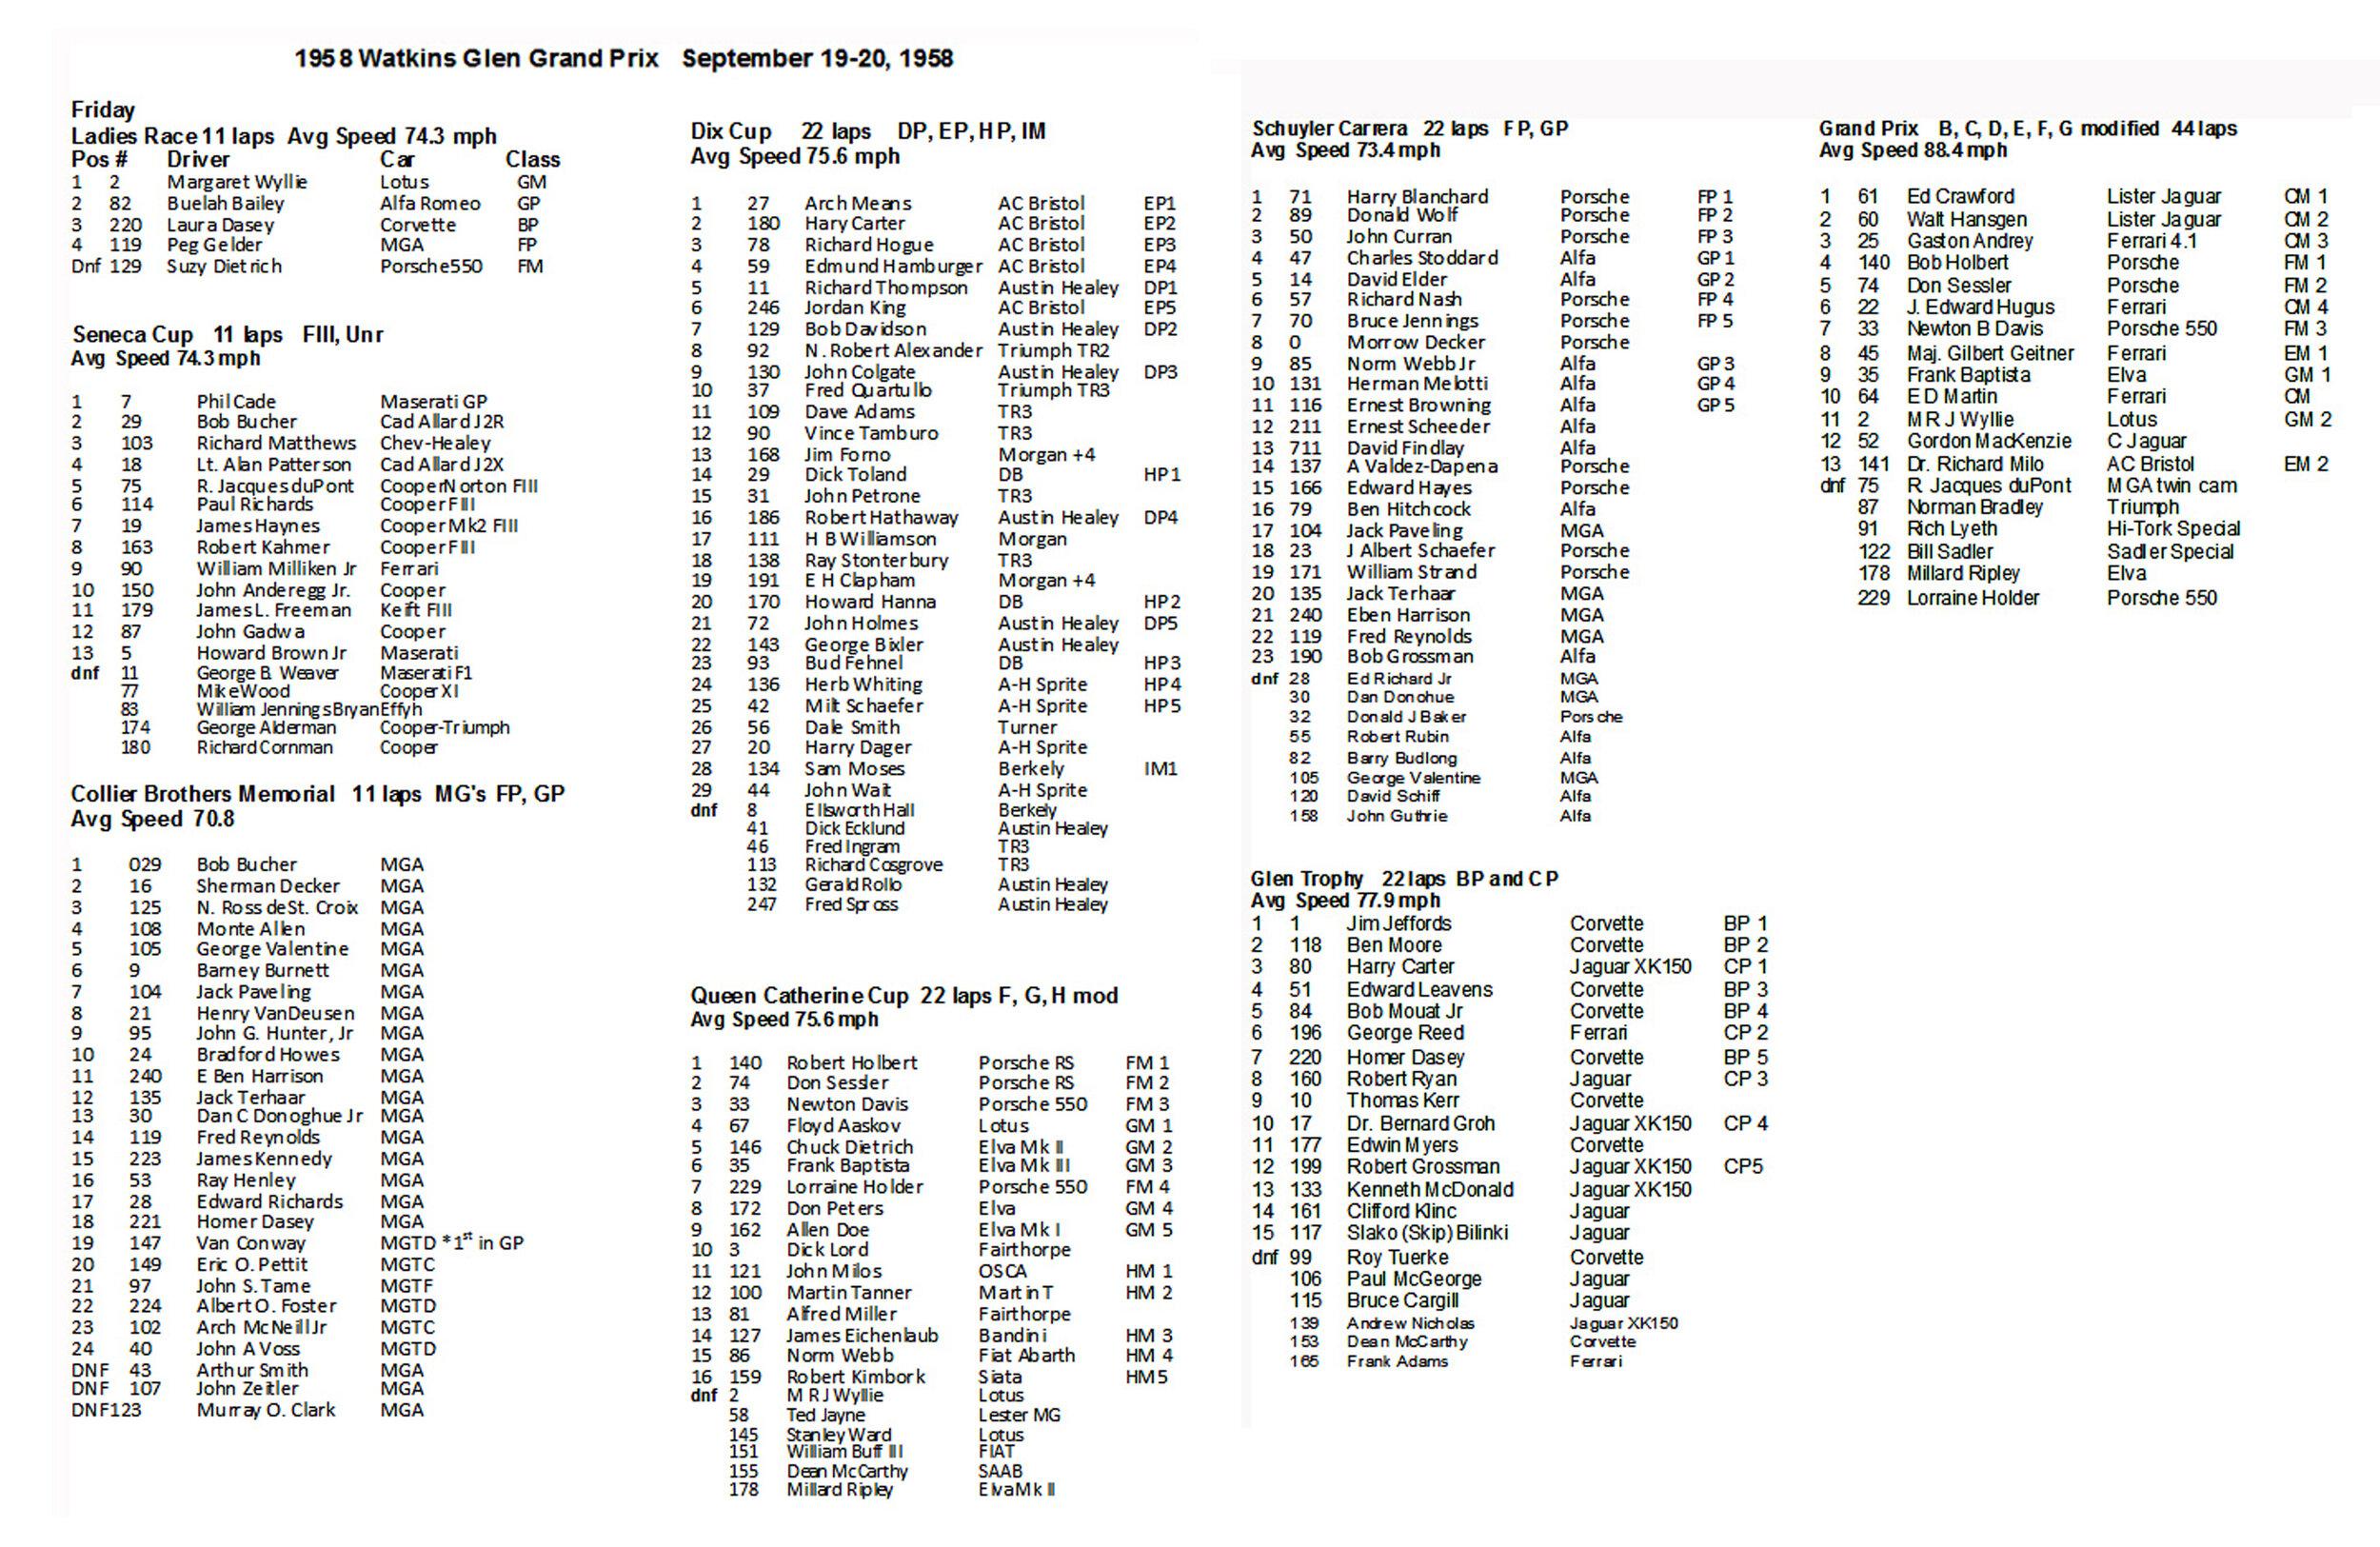 1958 Grand Prix results